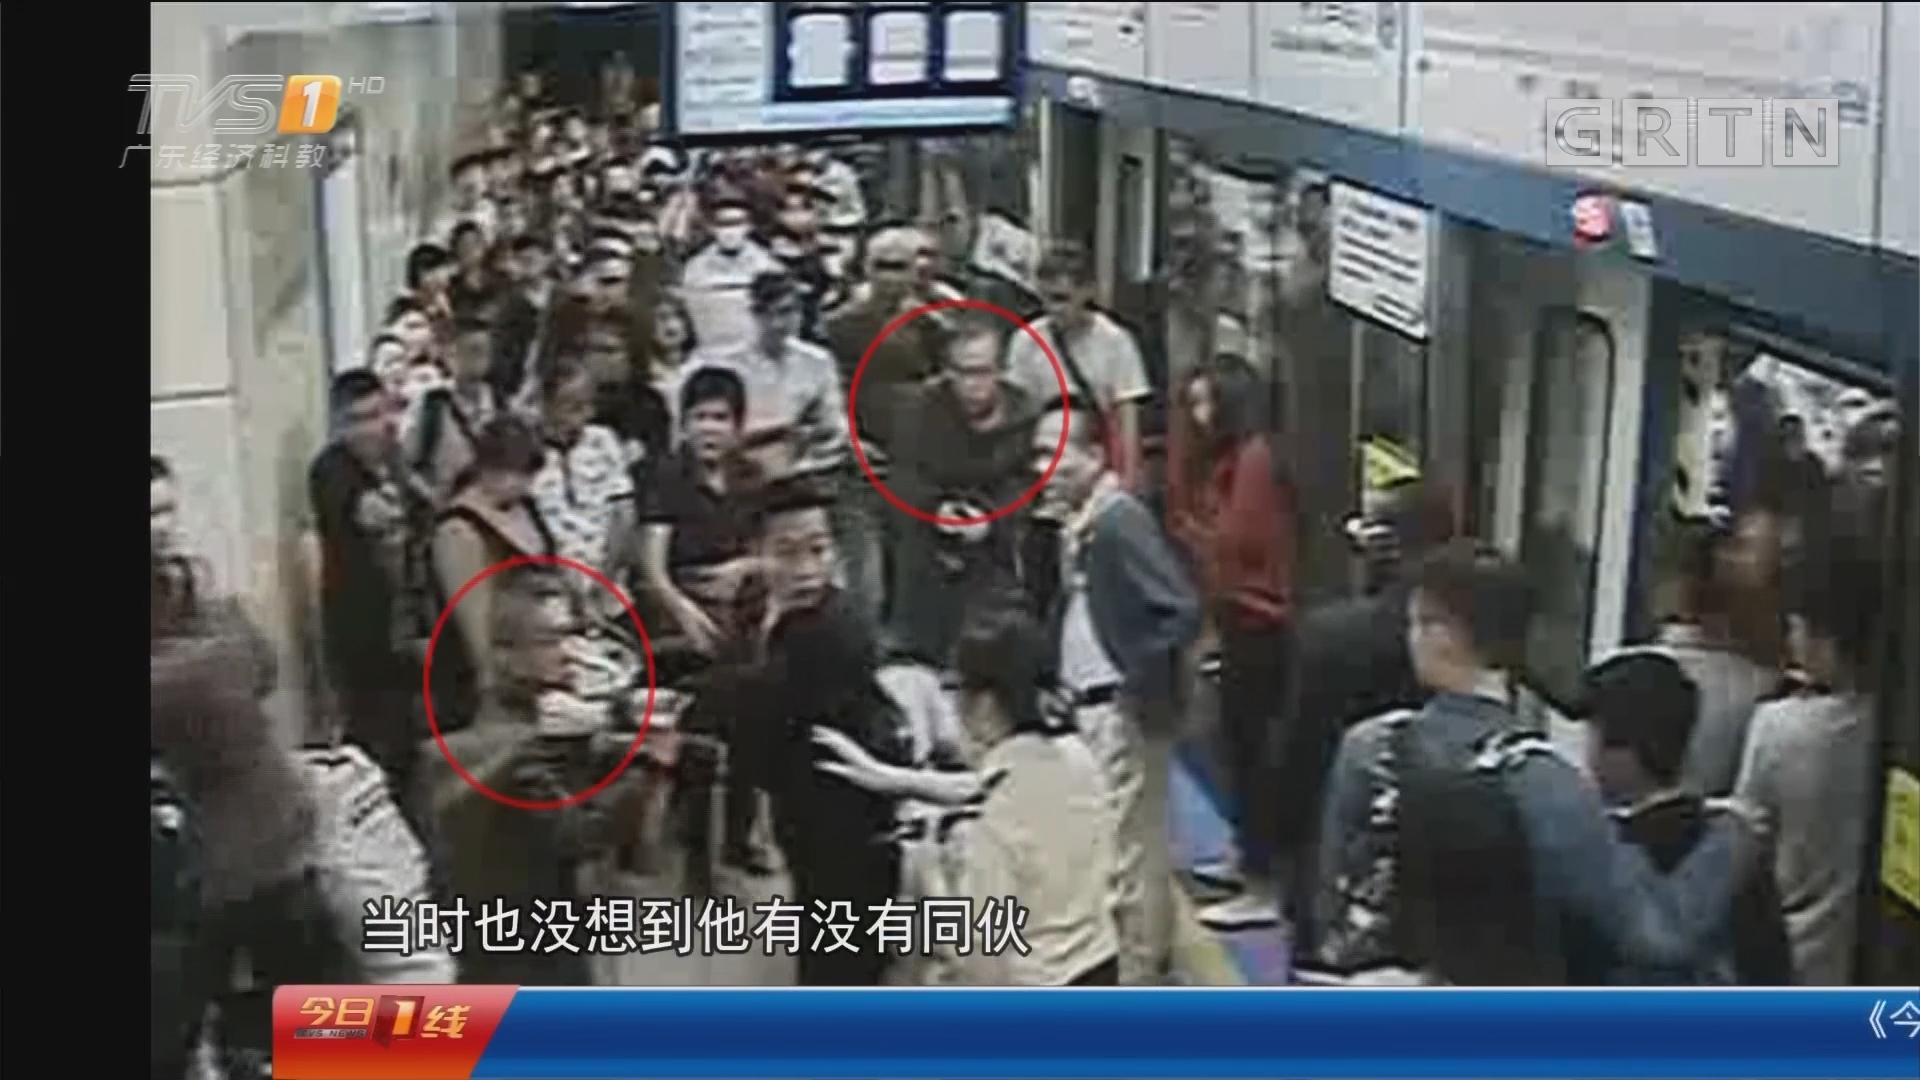 广州地铁:边防检查员路见不平 勇追嚣张小偷